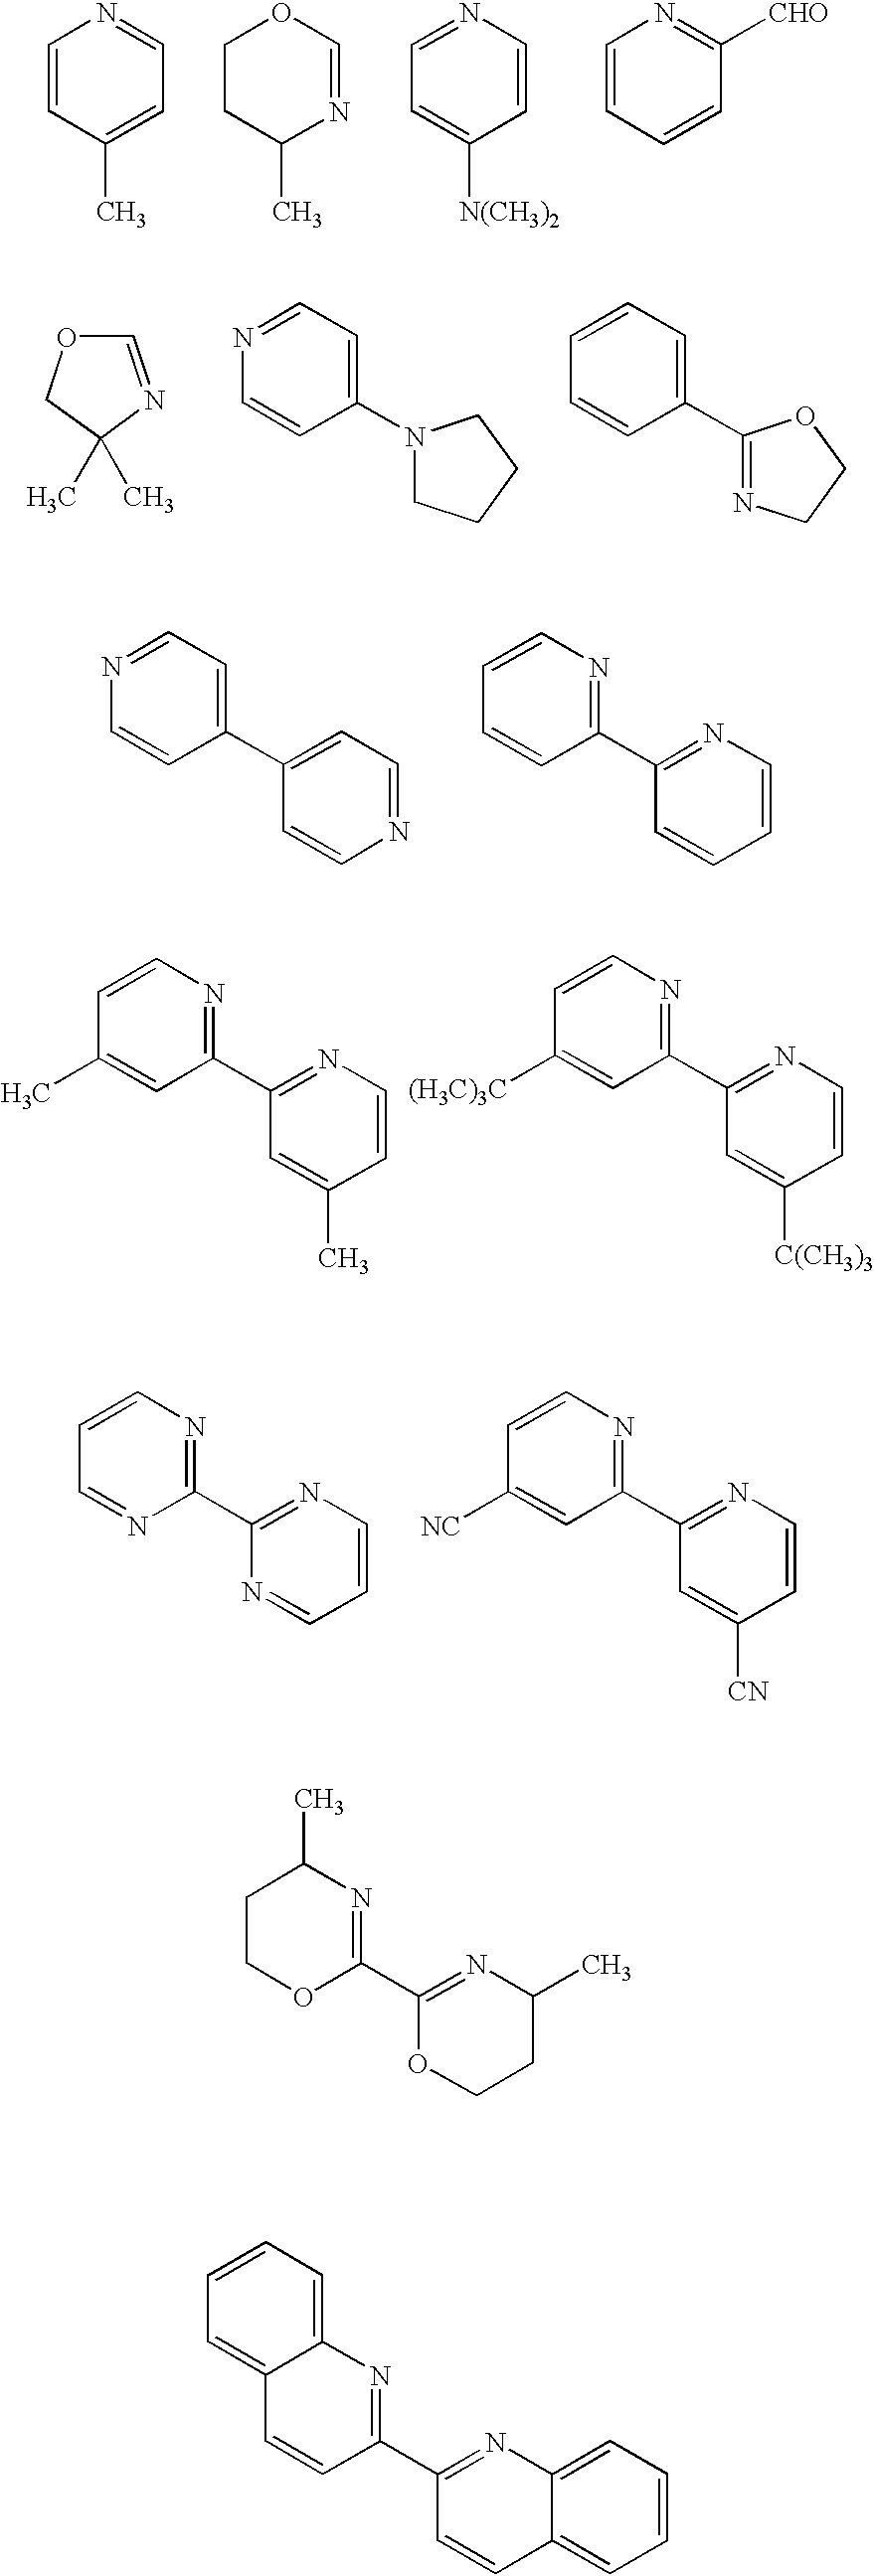 Figure US06818586-20041116-C00050